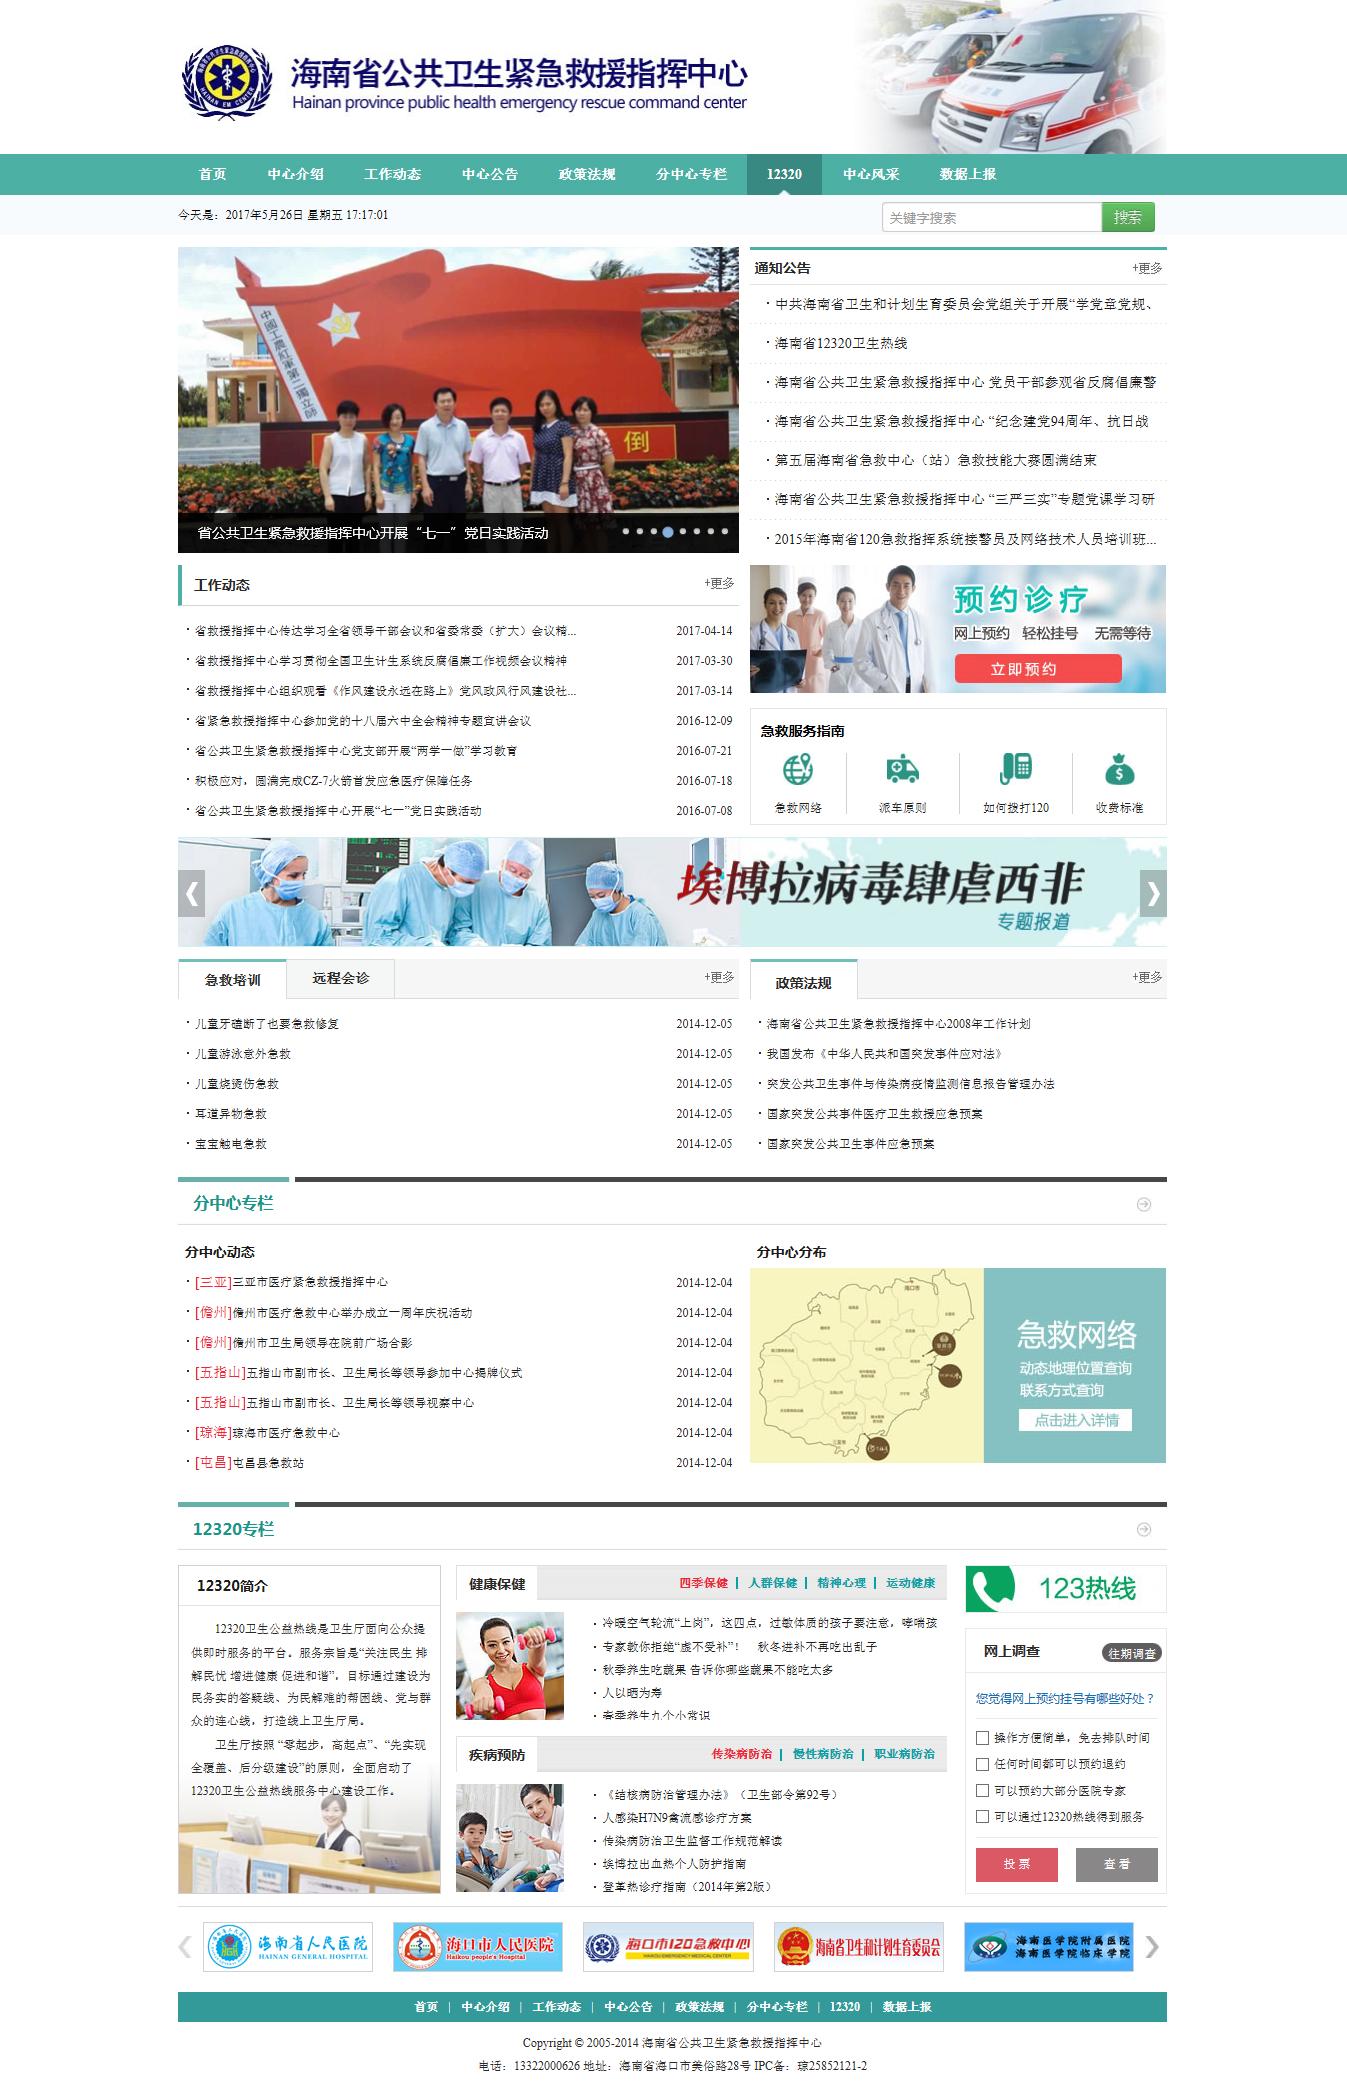 海南省公共卫生紧急救援指挥中心.png